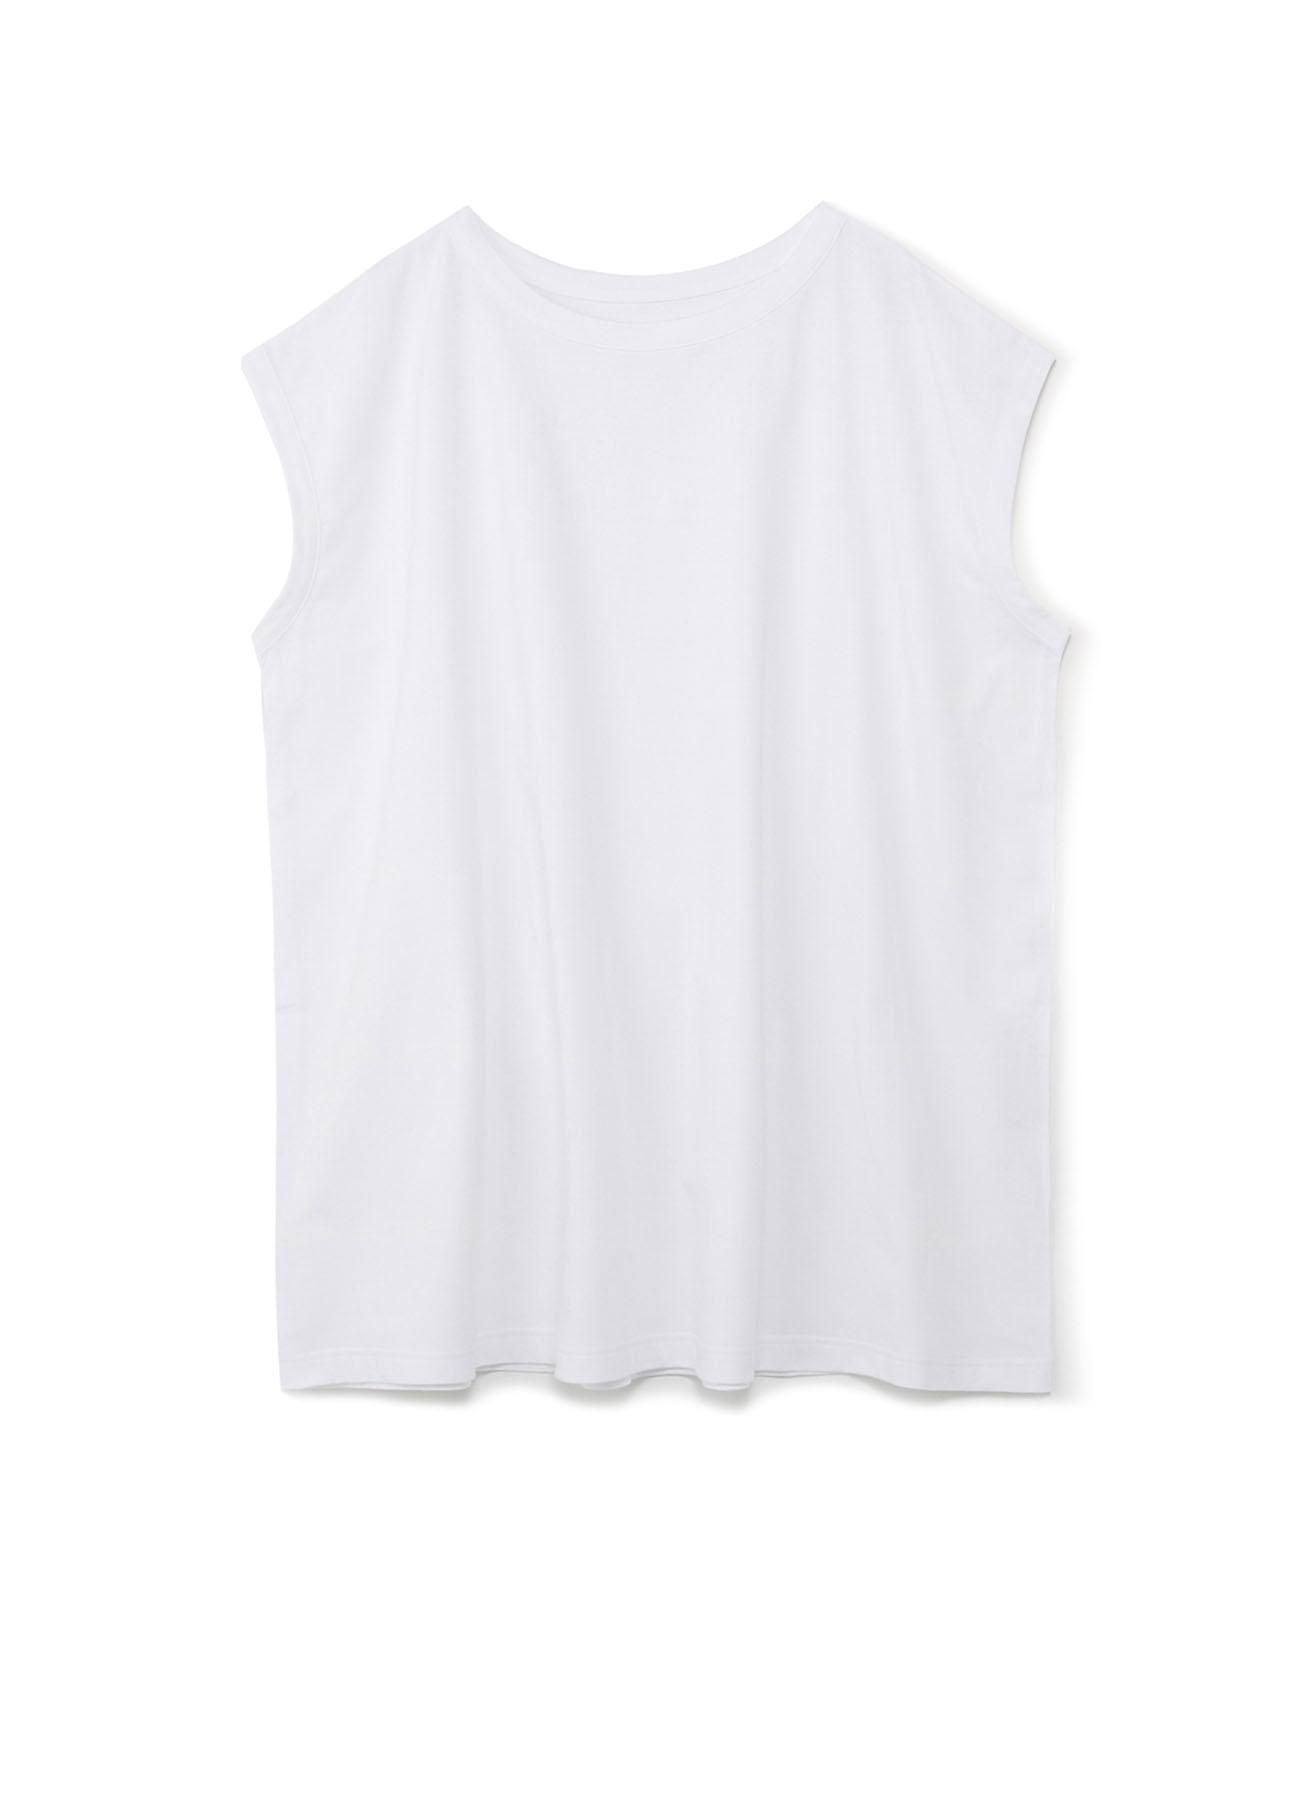 法式袖宽松T恤